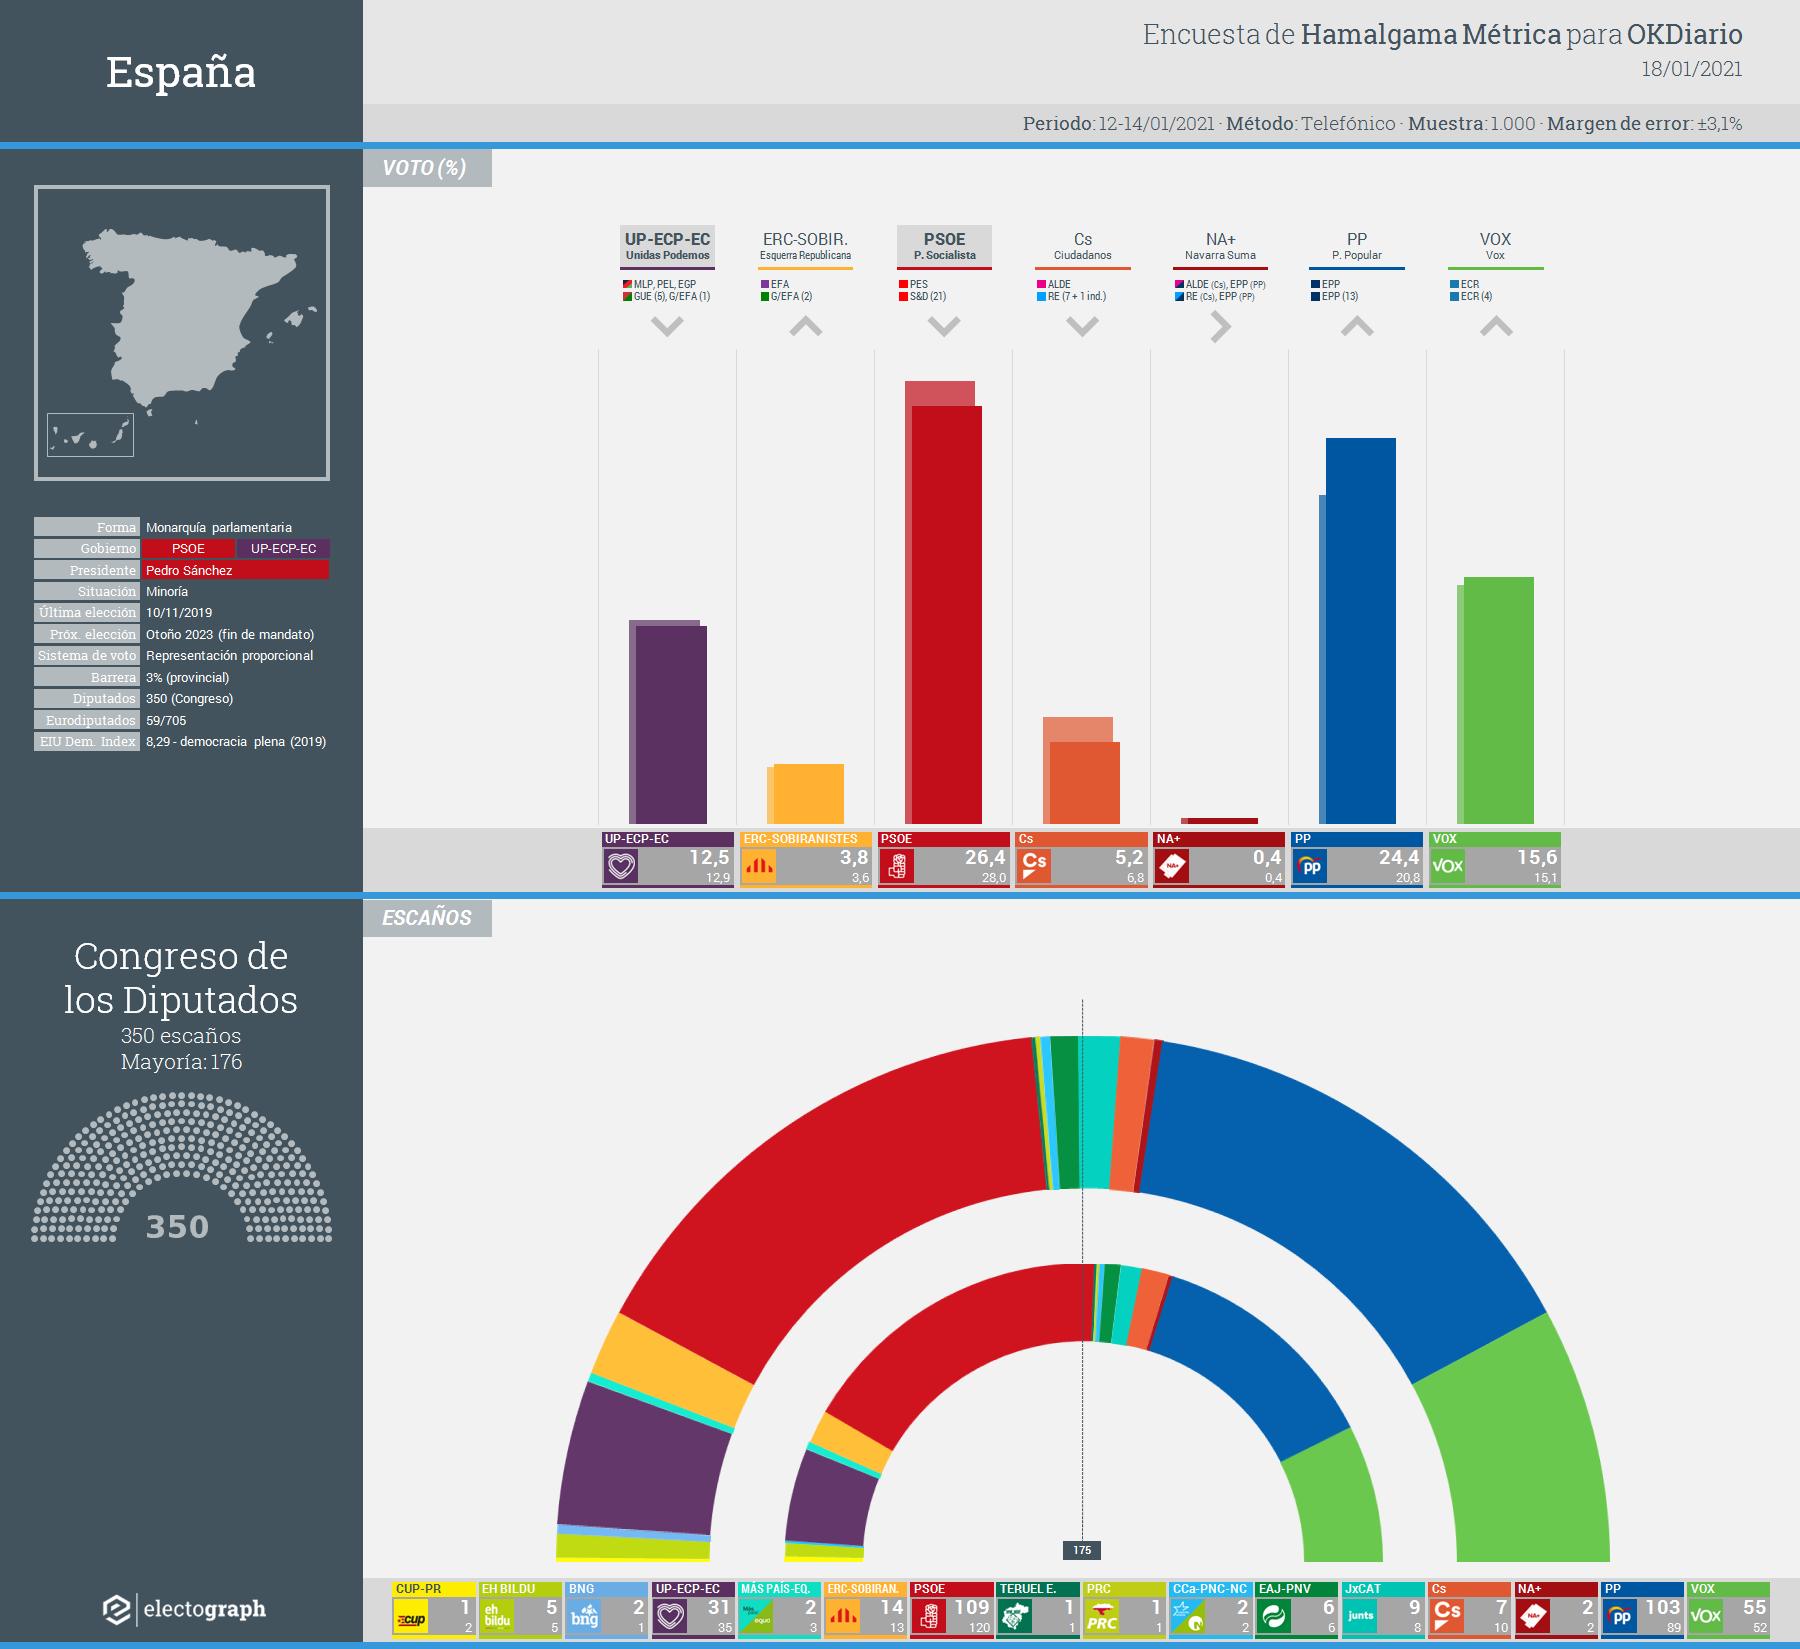 Gráfico de la encuesta para elecciones generales en España realizada por Hamalgama Métrica para OKDiario, 18 de enero de 2021